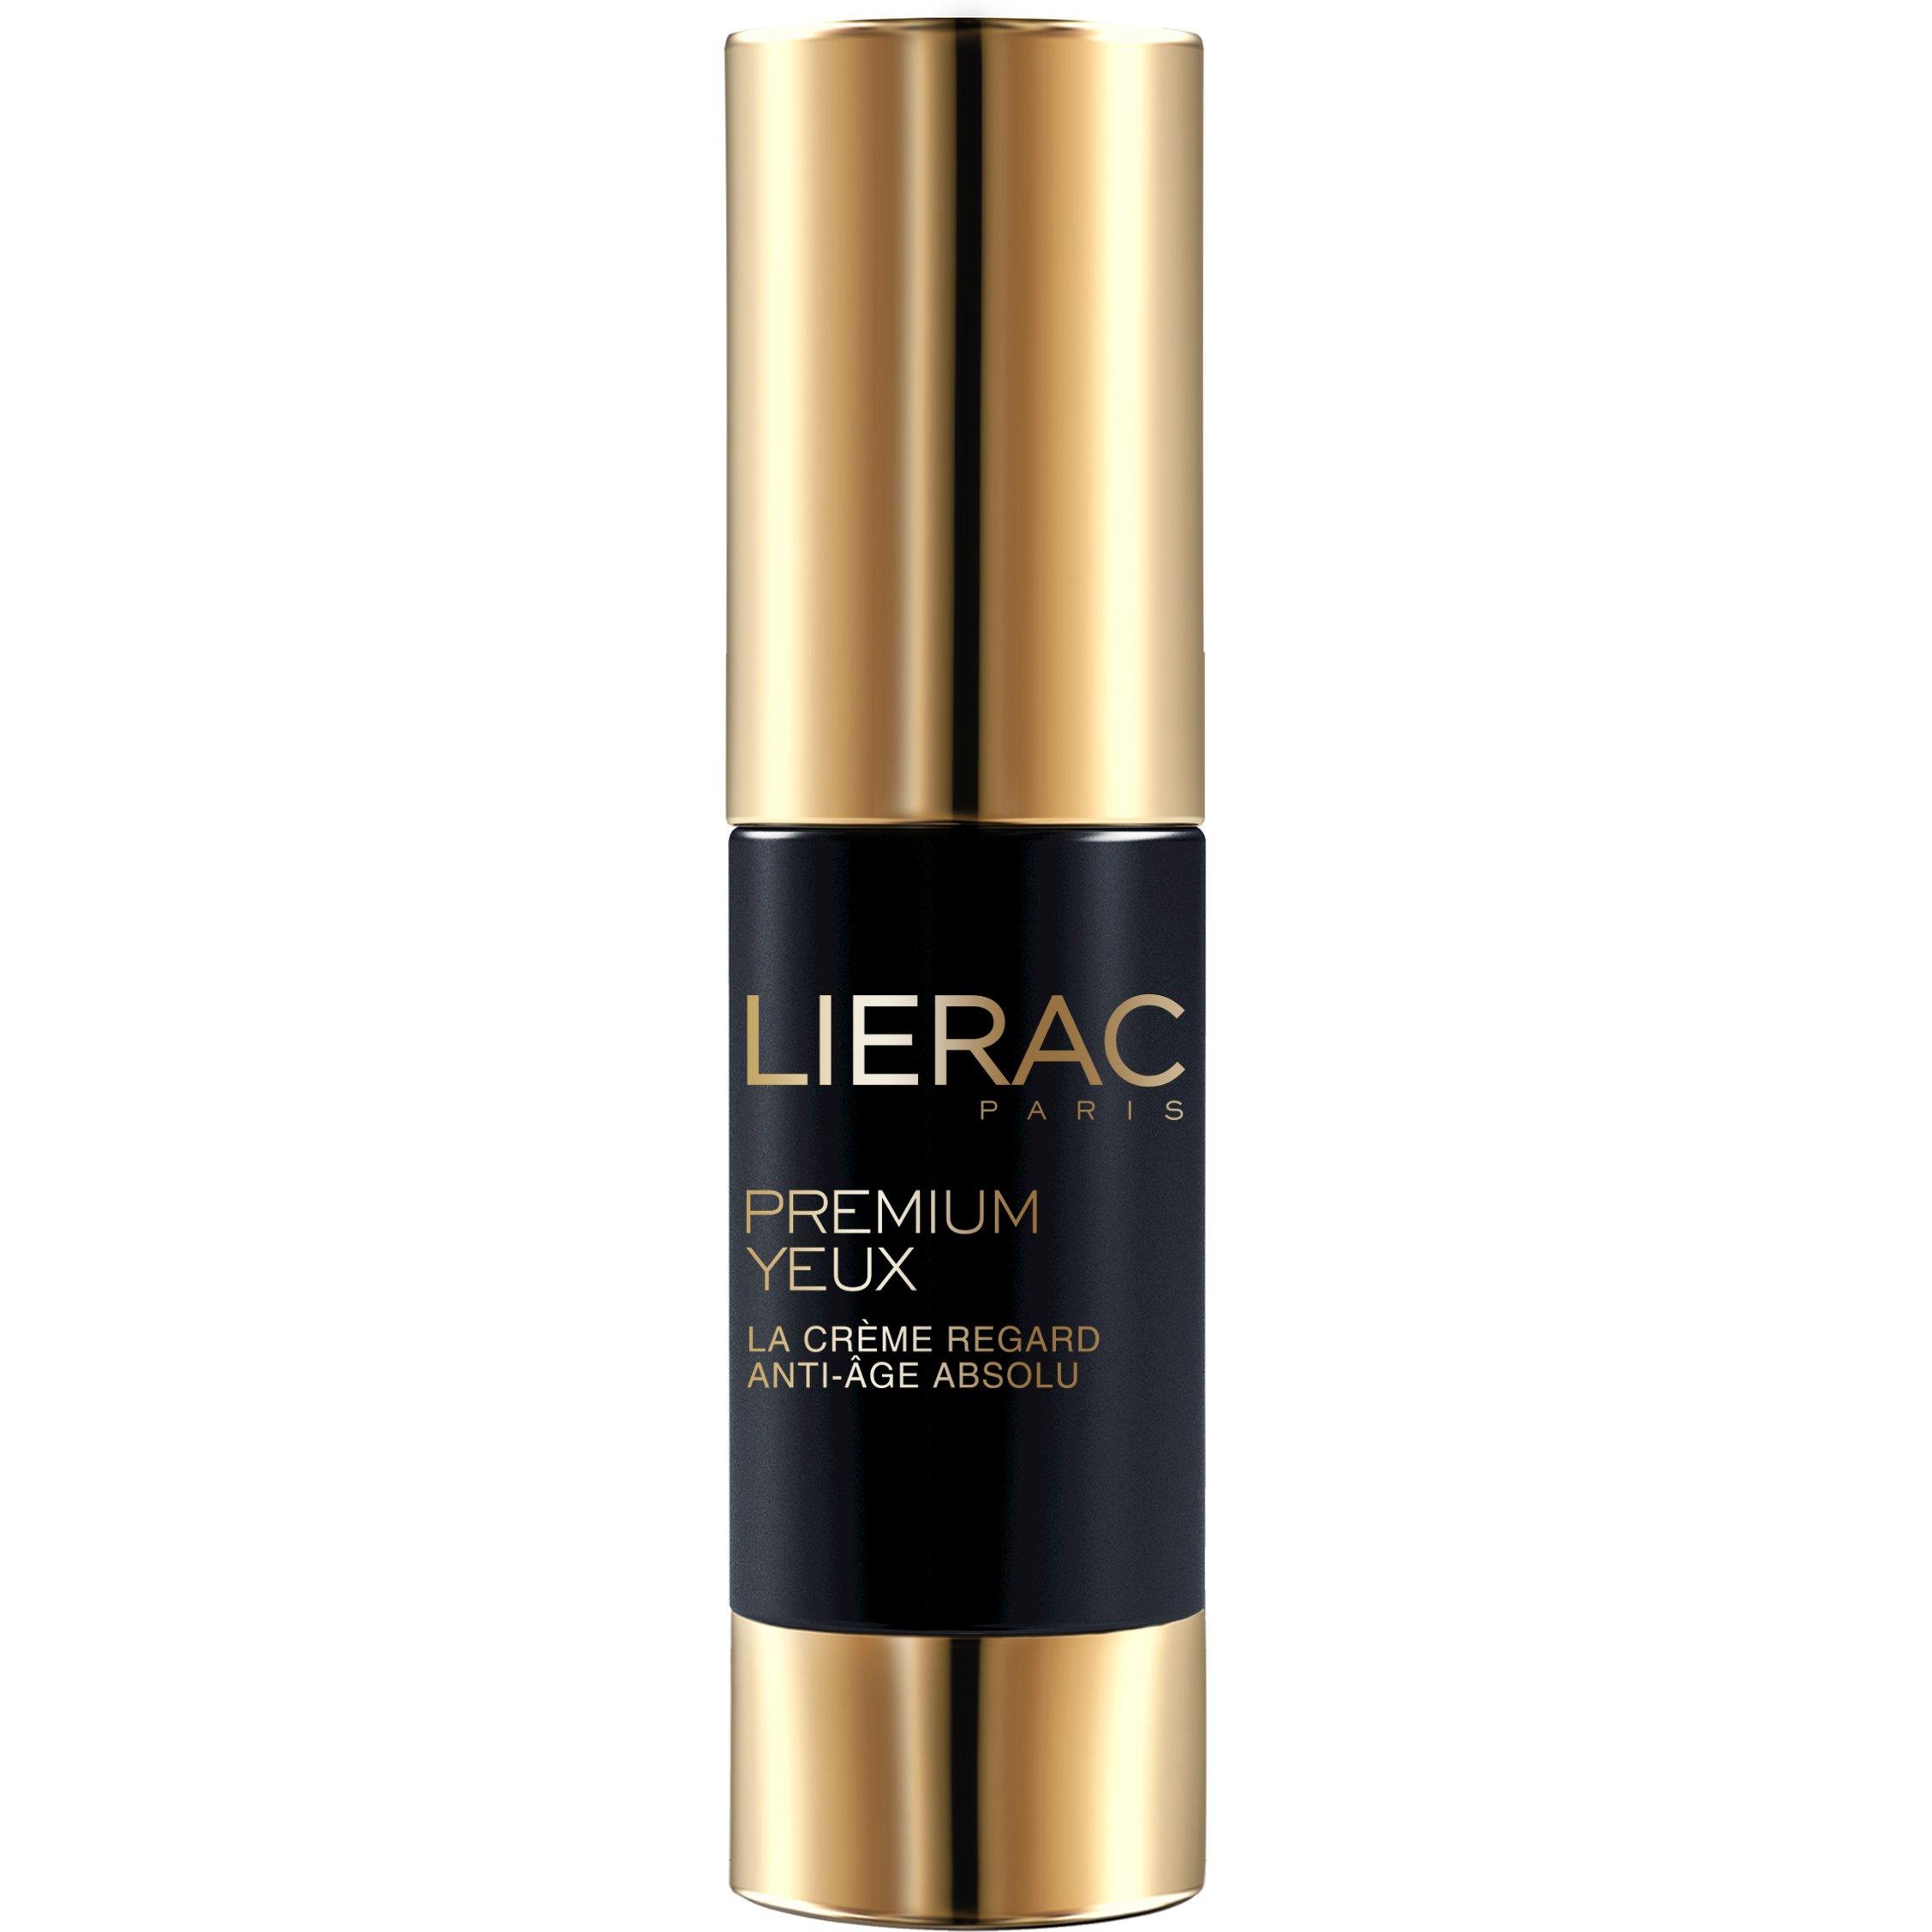 Lierac Premium Yeux Κρέμα Ματιών Γεμίσματος των Βαθιών Ρυτίδων, Μέγιστη Τροφή & Αντιγήρανση 15ml